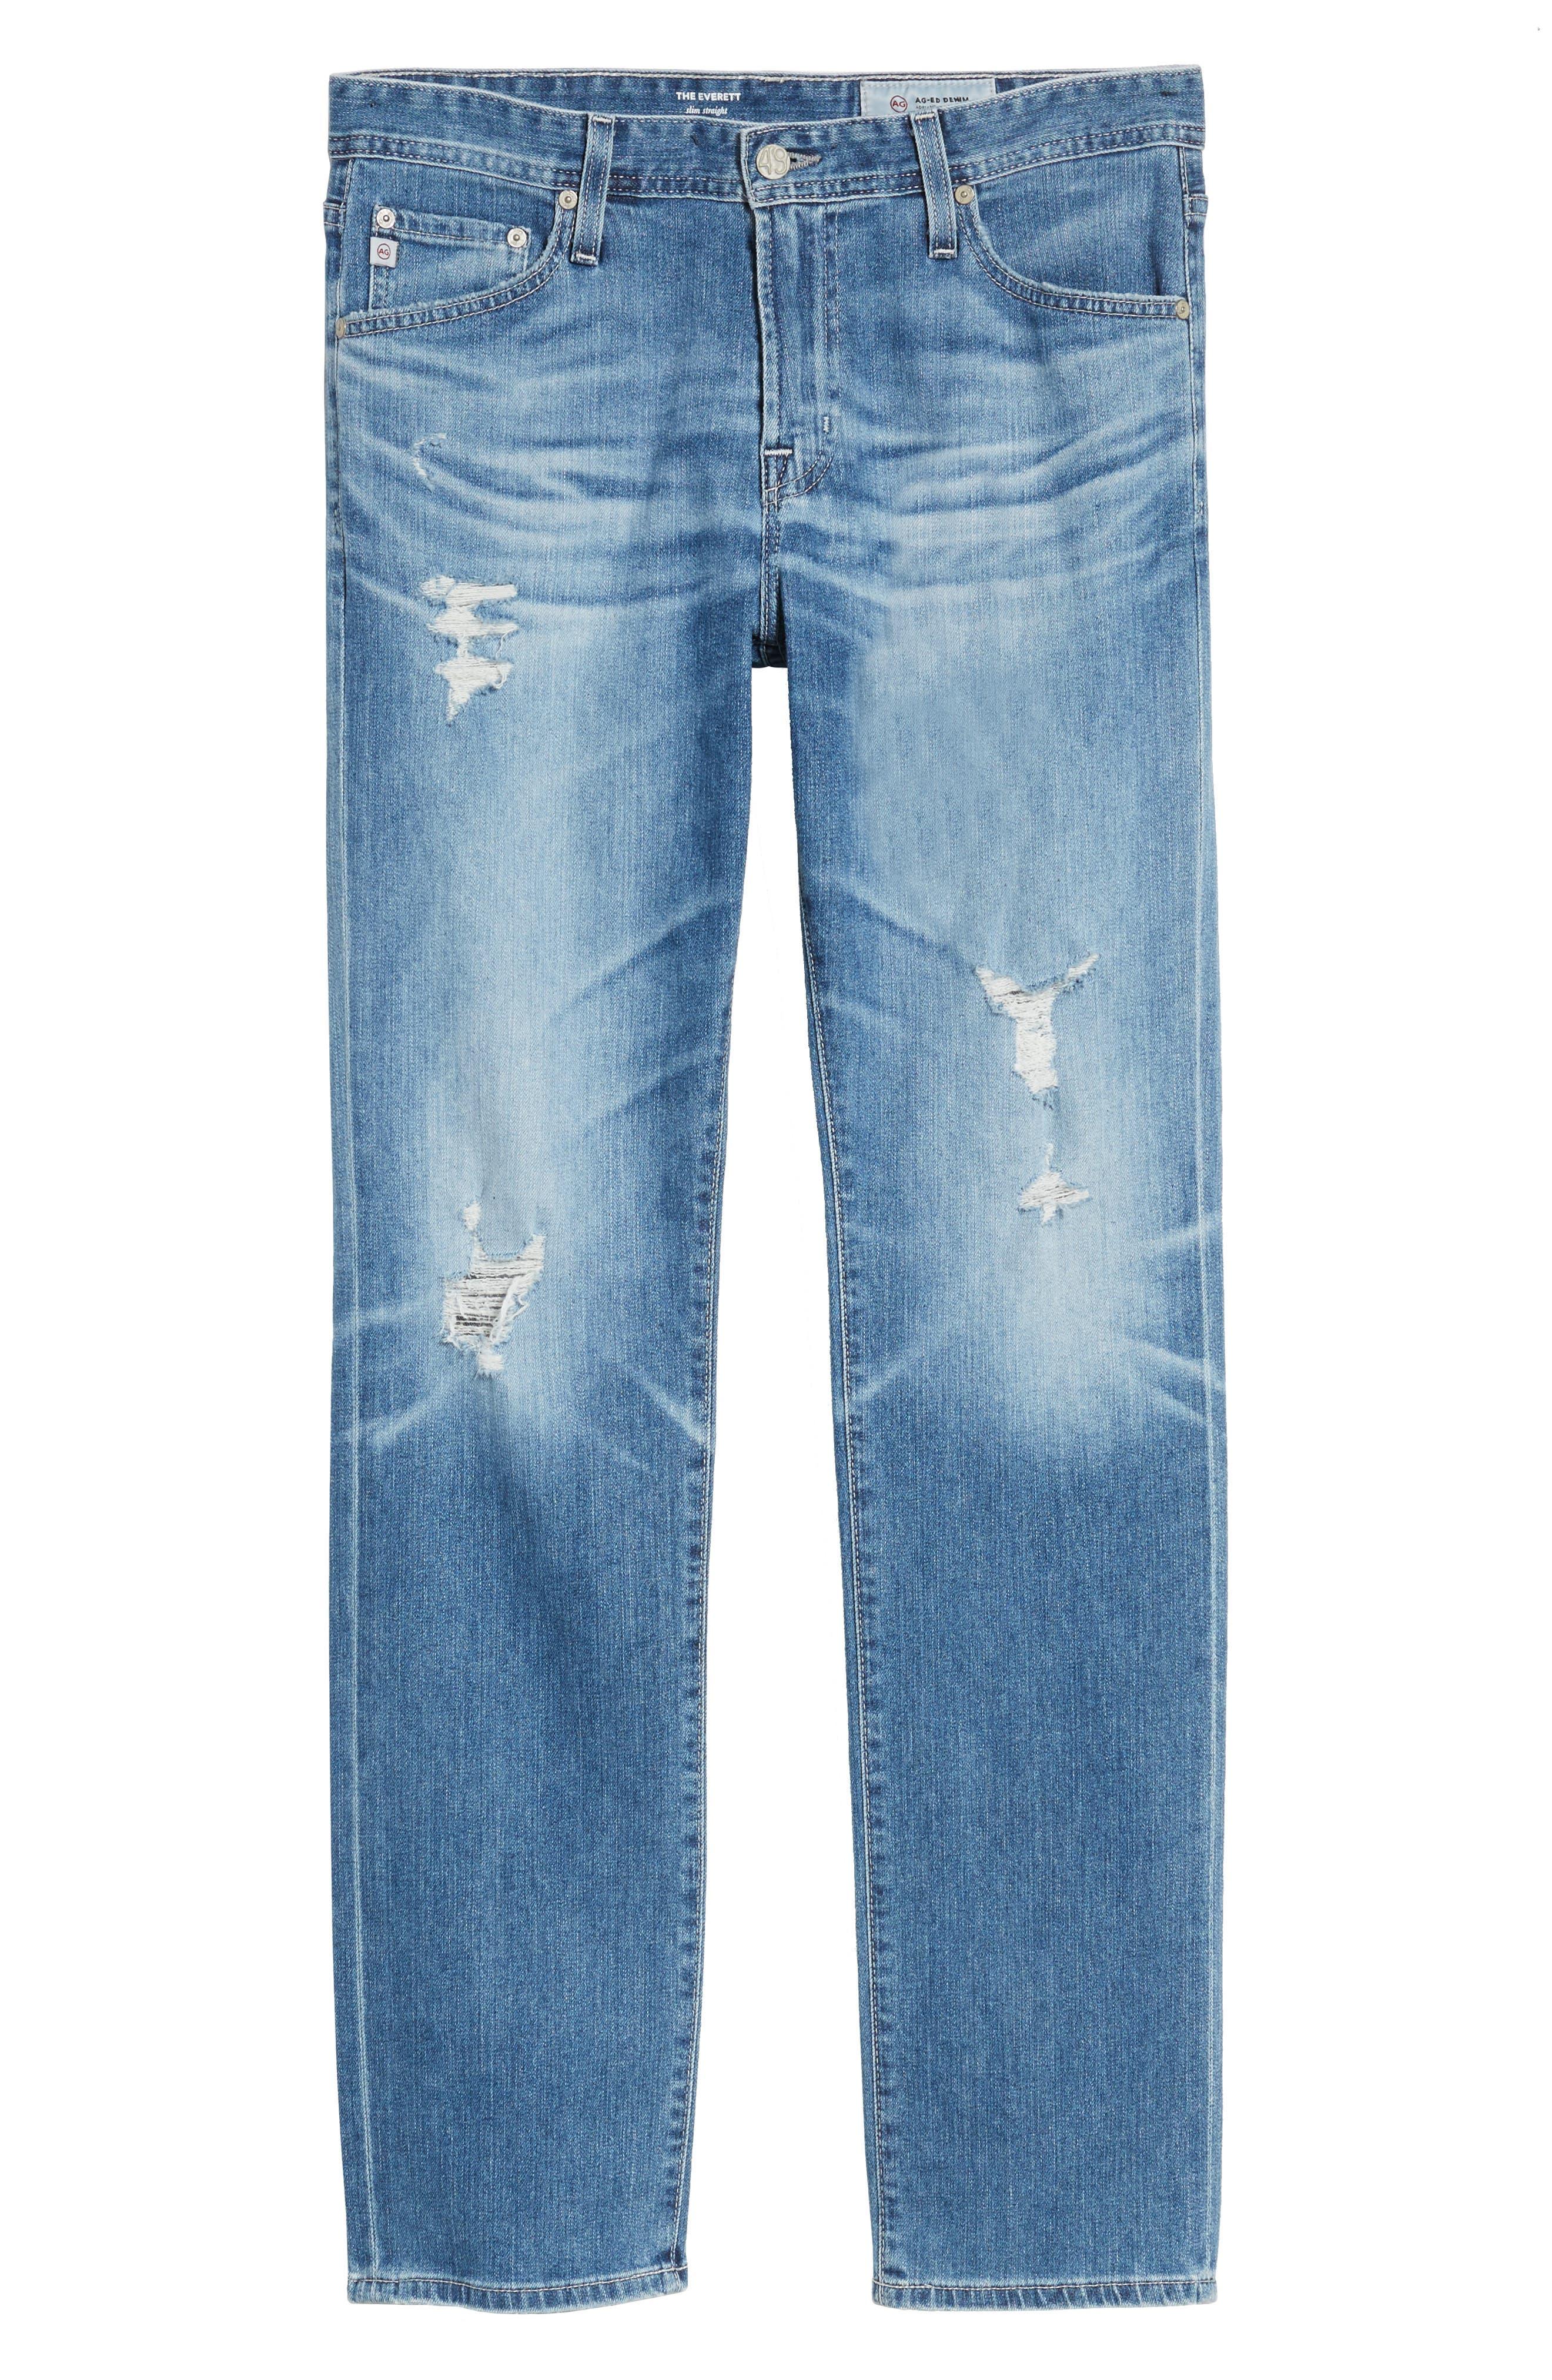 Everett Slim Straight Leg Jeans,                             Alternate thumbnail 6, color,                             15 YEARS SWEPT UP